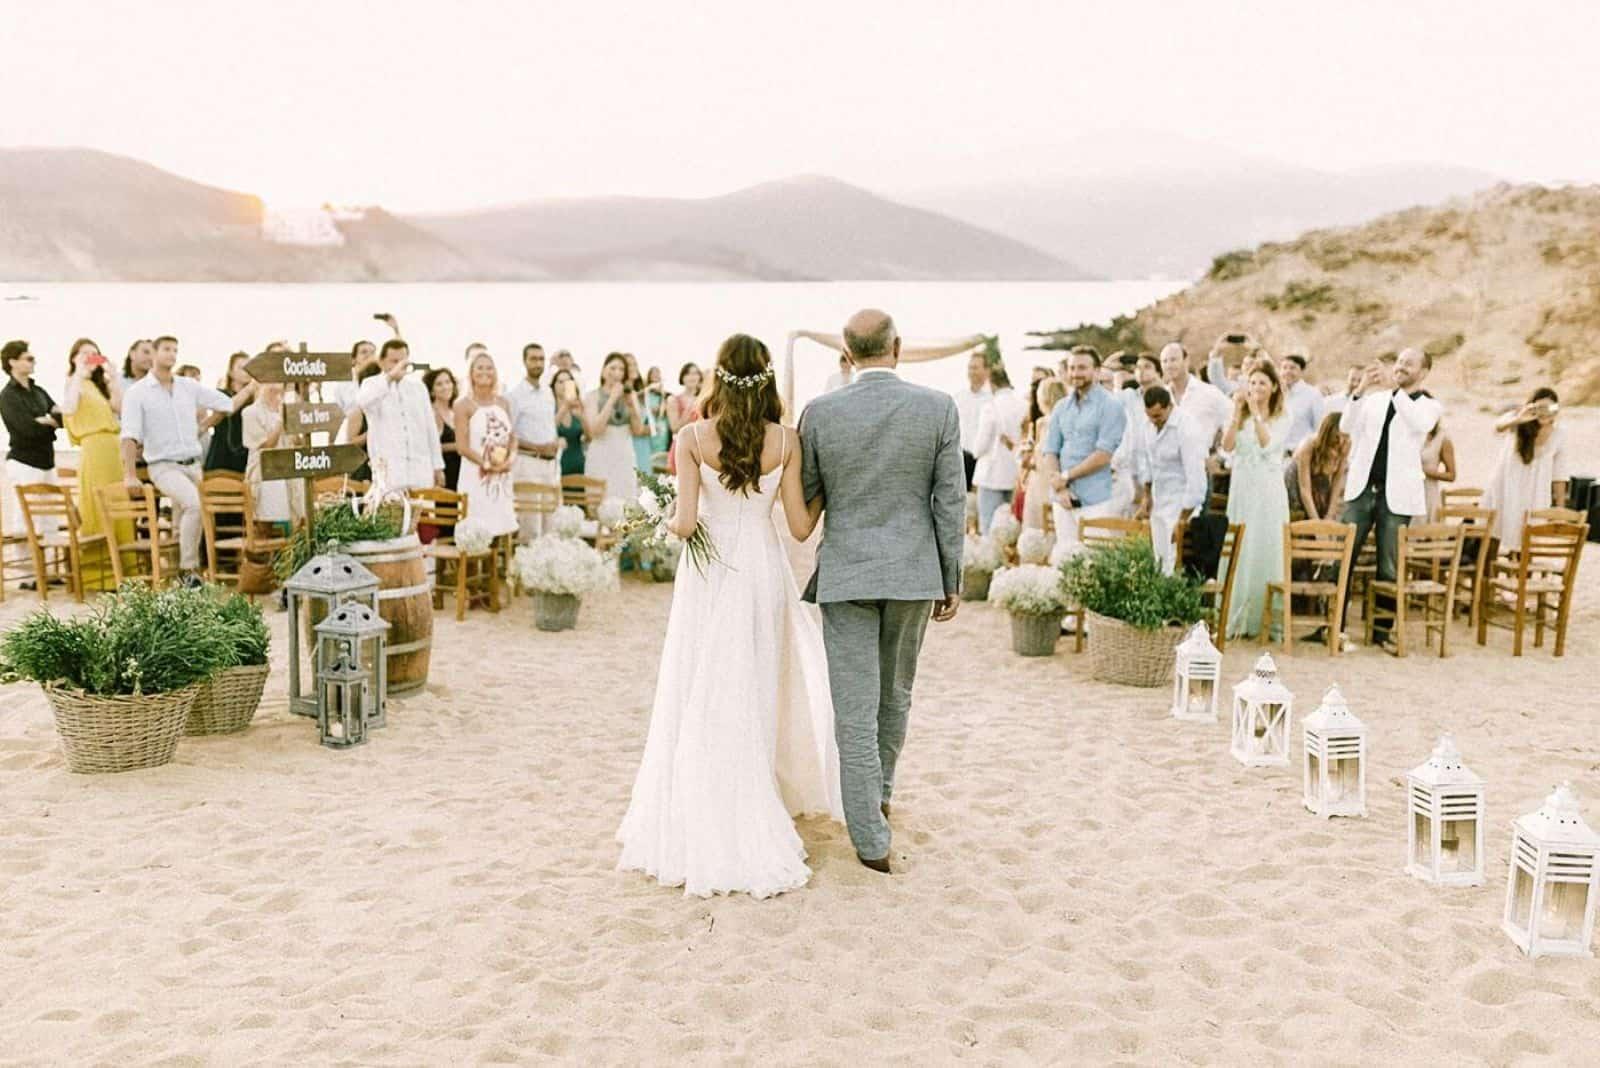 eine schöne Hochzeit an einem Sandstrand